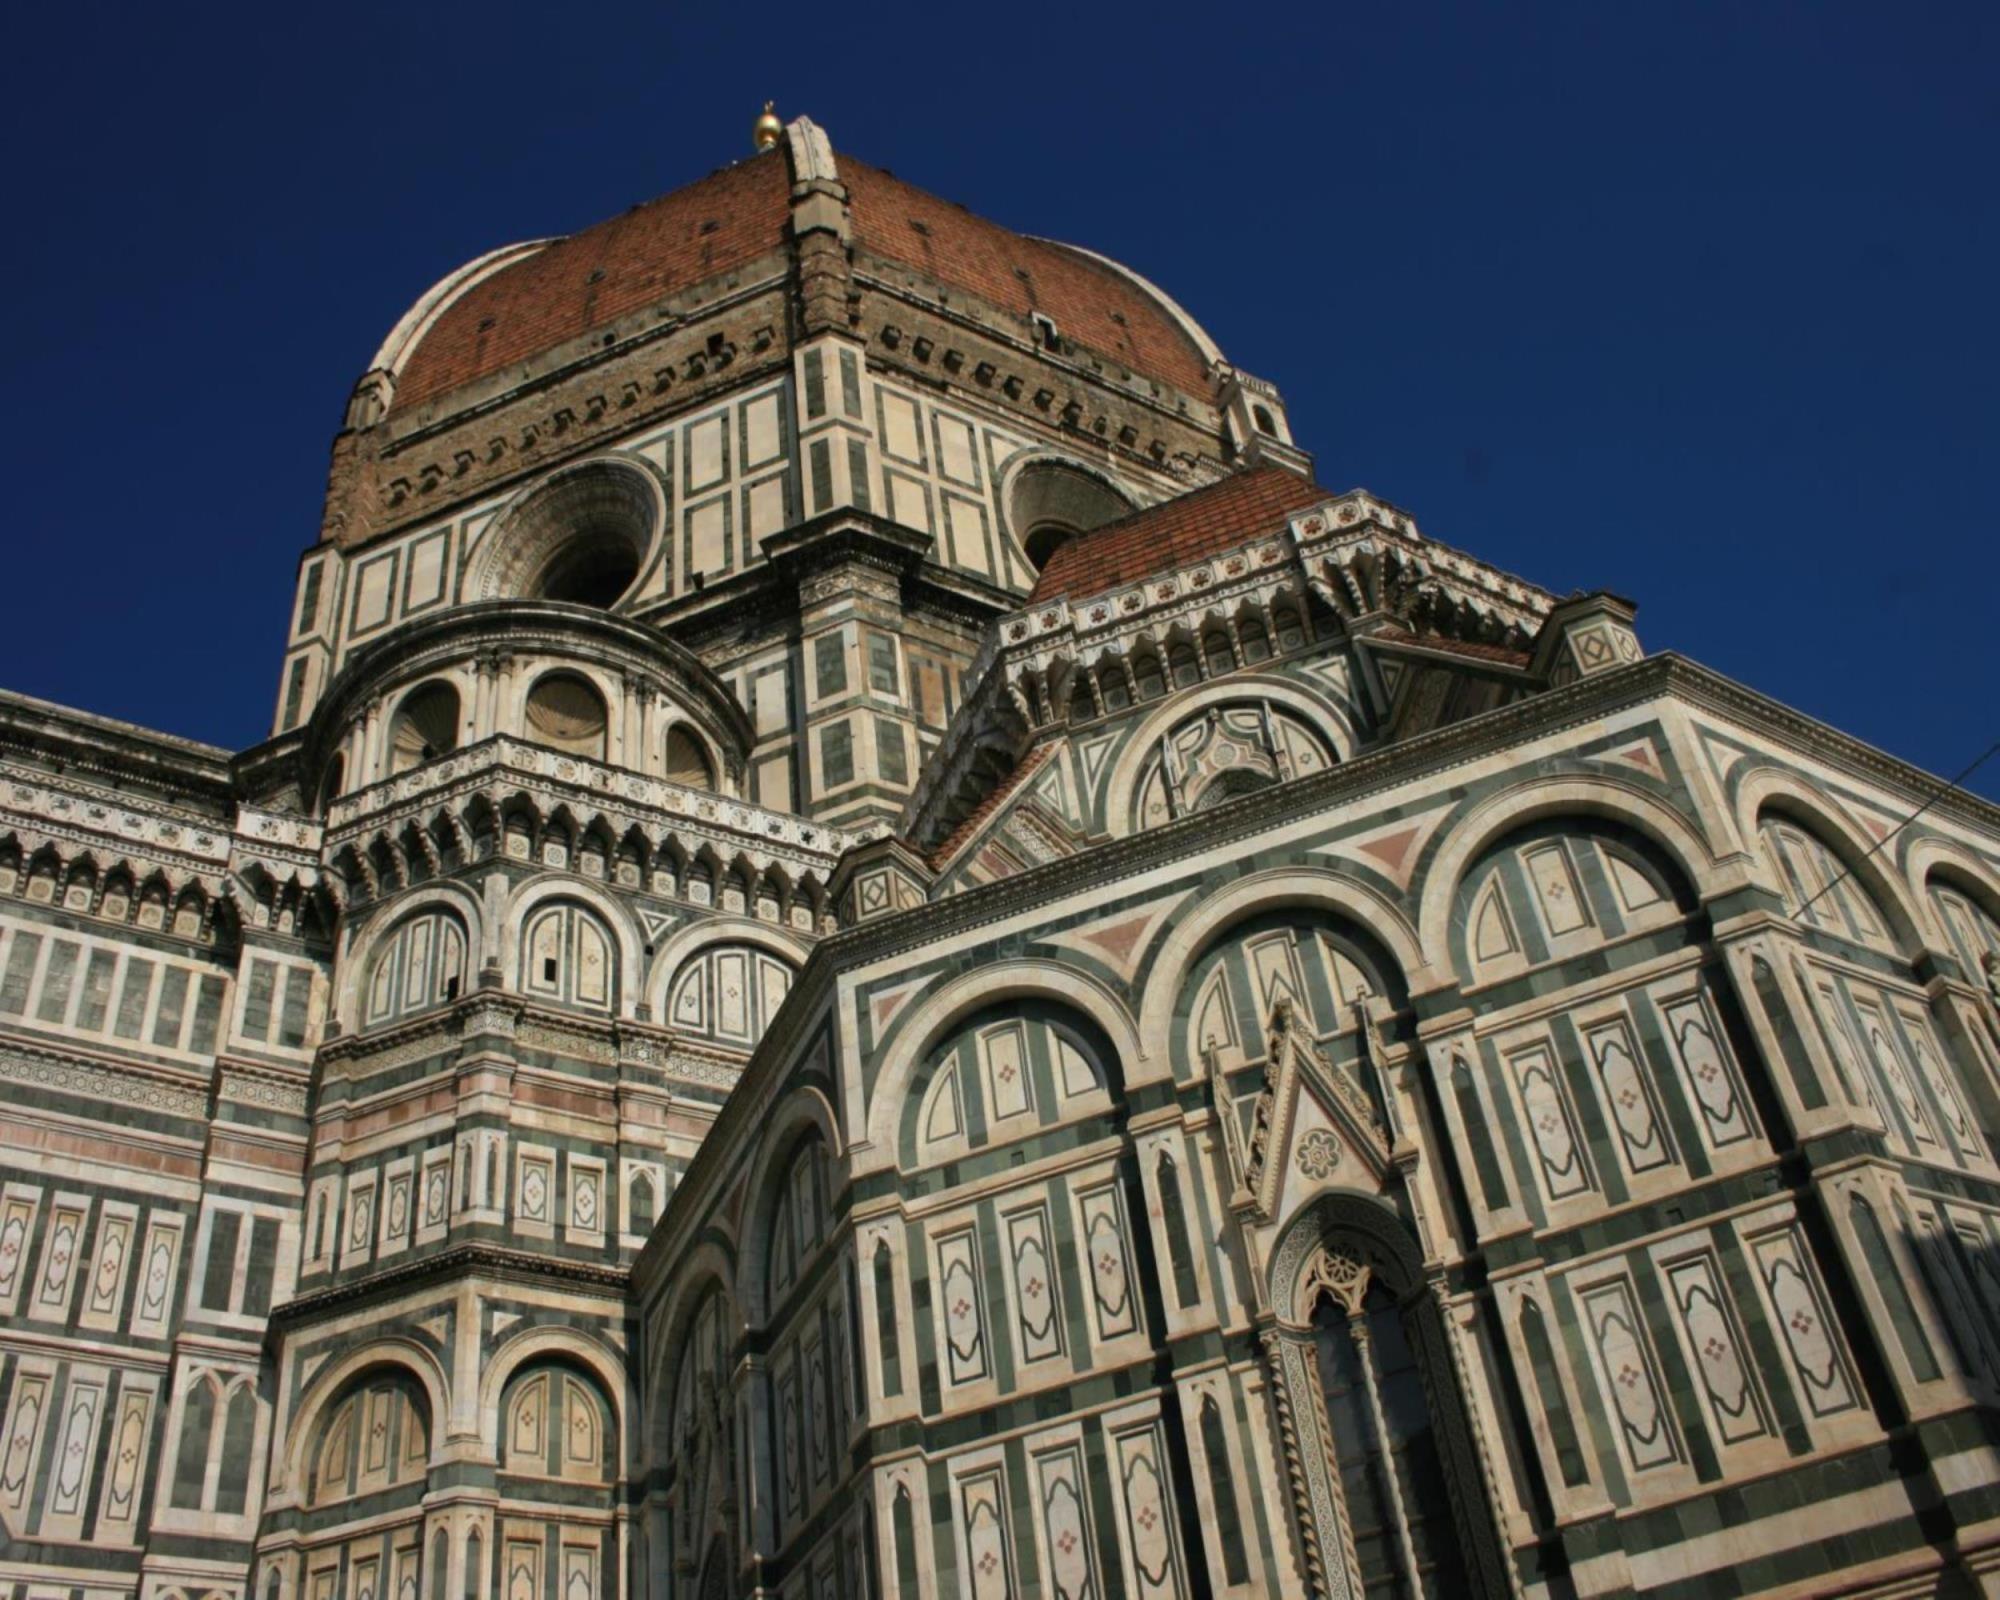 Cattedrale Santa Maria del Fiore ou Duomo - Florence